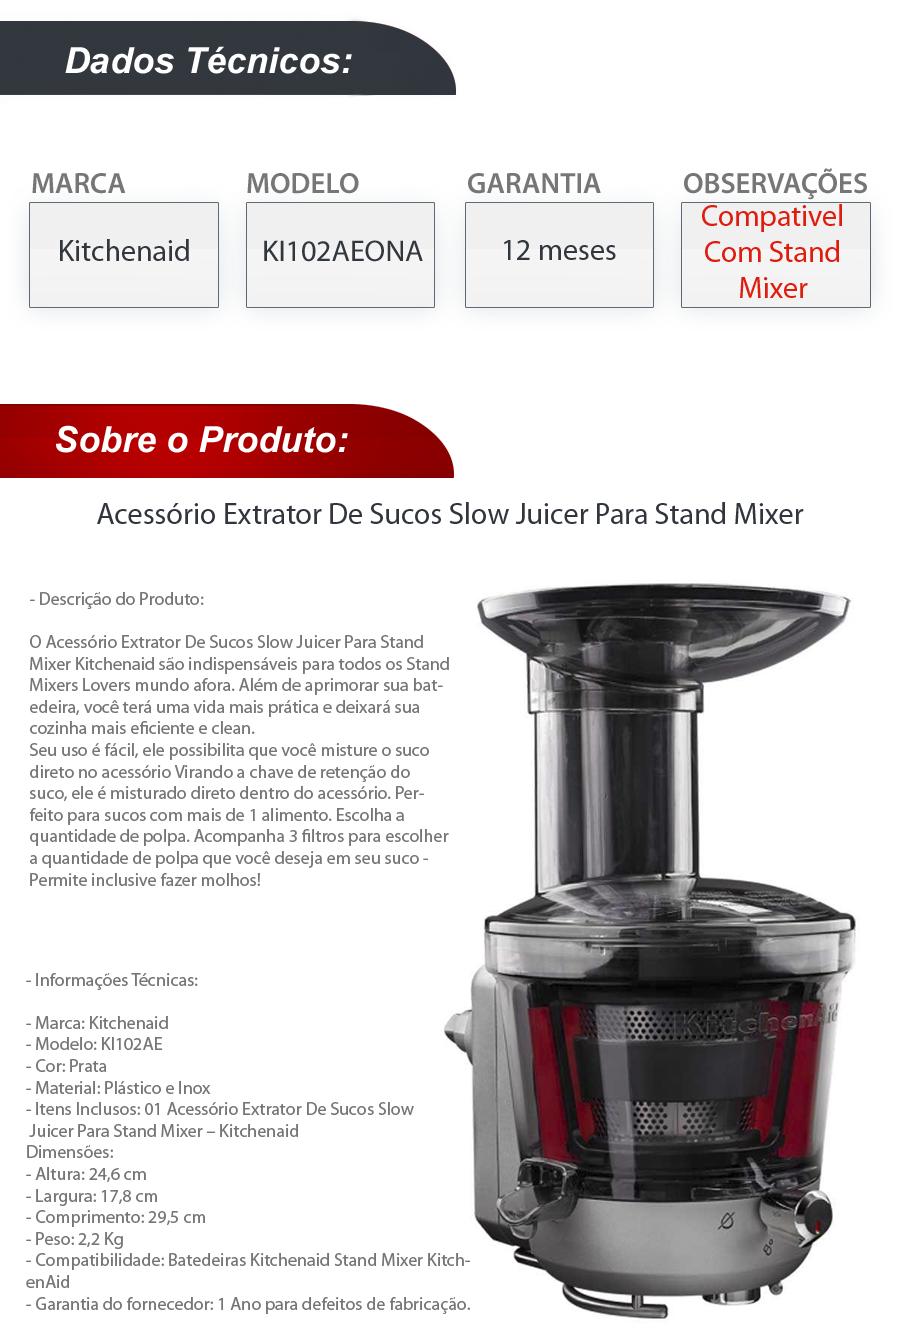 Omega Juicer Extrator De Sucos Slow Juicer : Acessorio Extrator Sucos Slow Juicer Stand Mixer Kitchenaid - R$ 849,90 em Mercado Livre